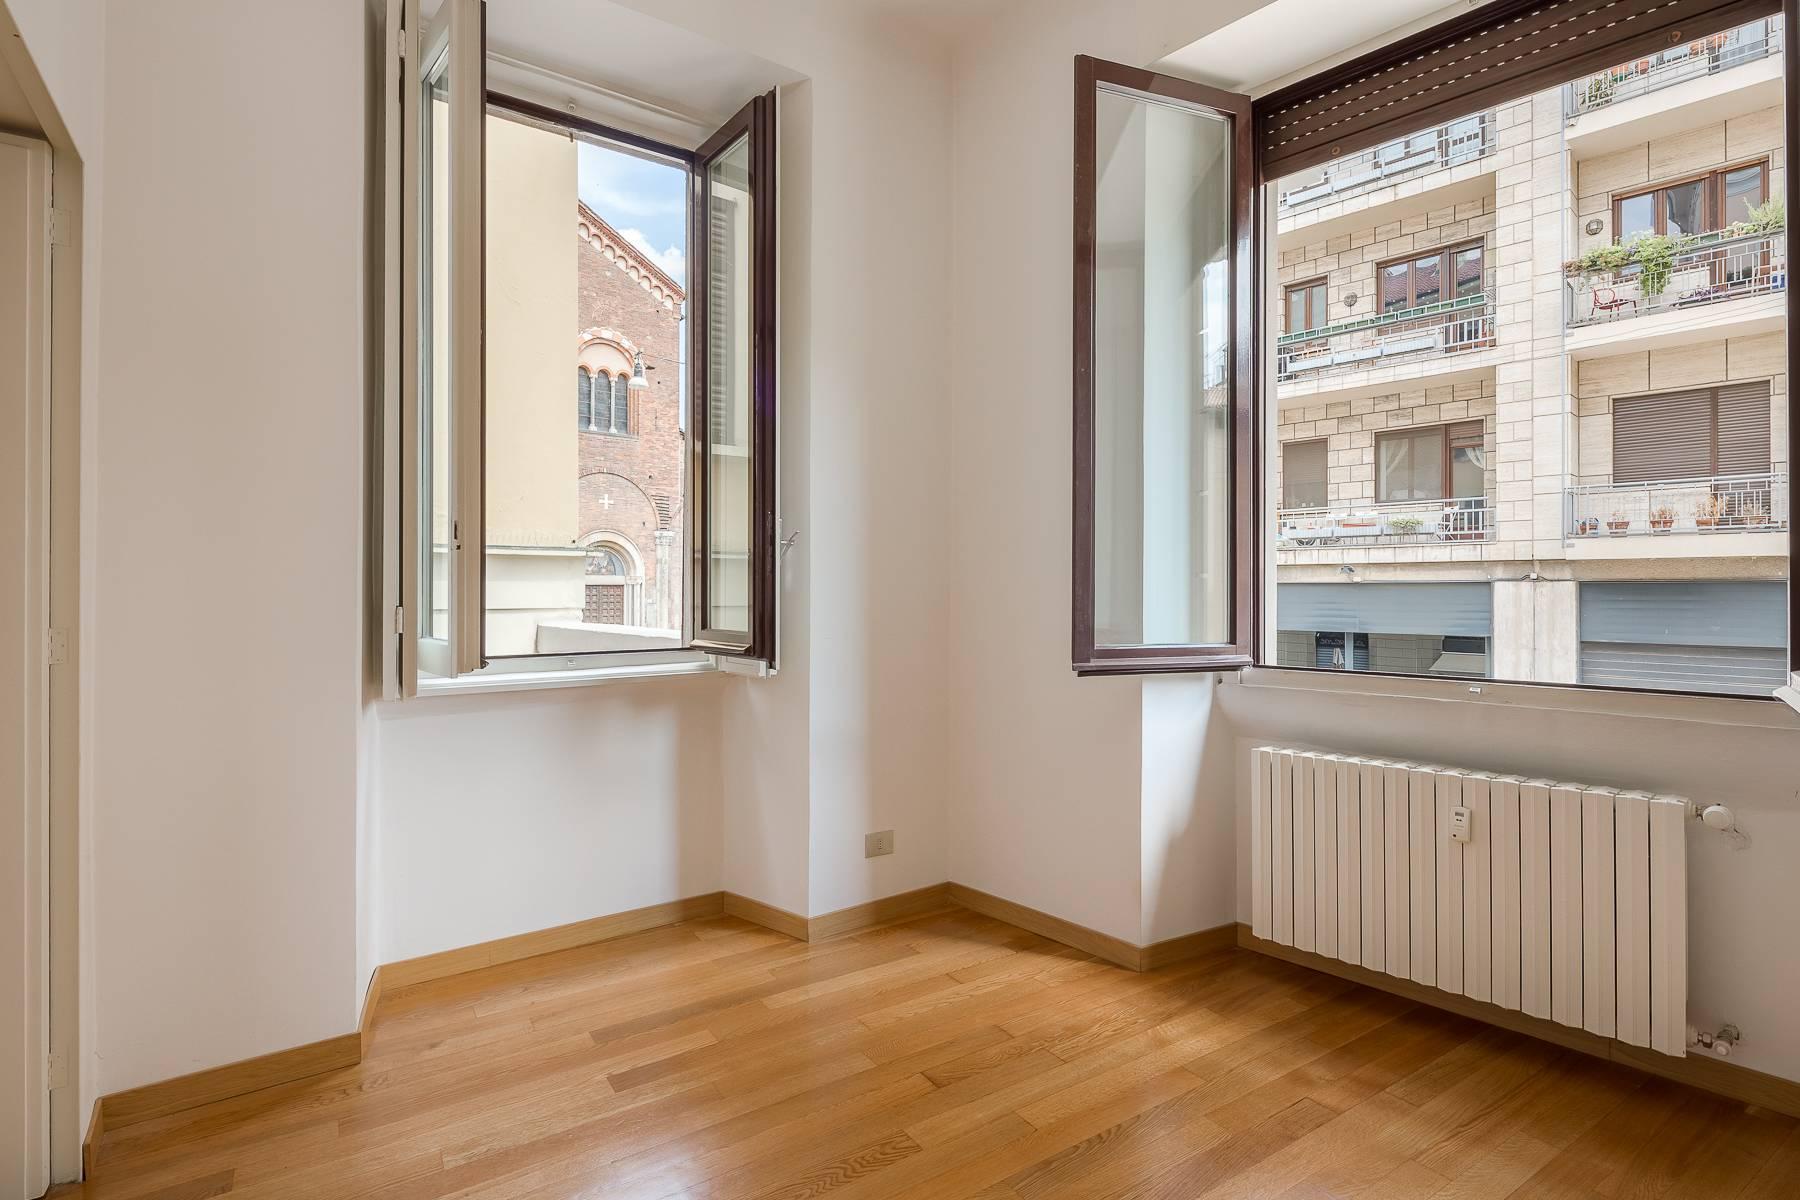 Appartamento in Vendita a Milano: 3 locali, 101 mq - Foto 25